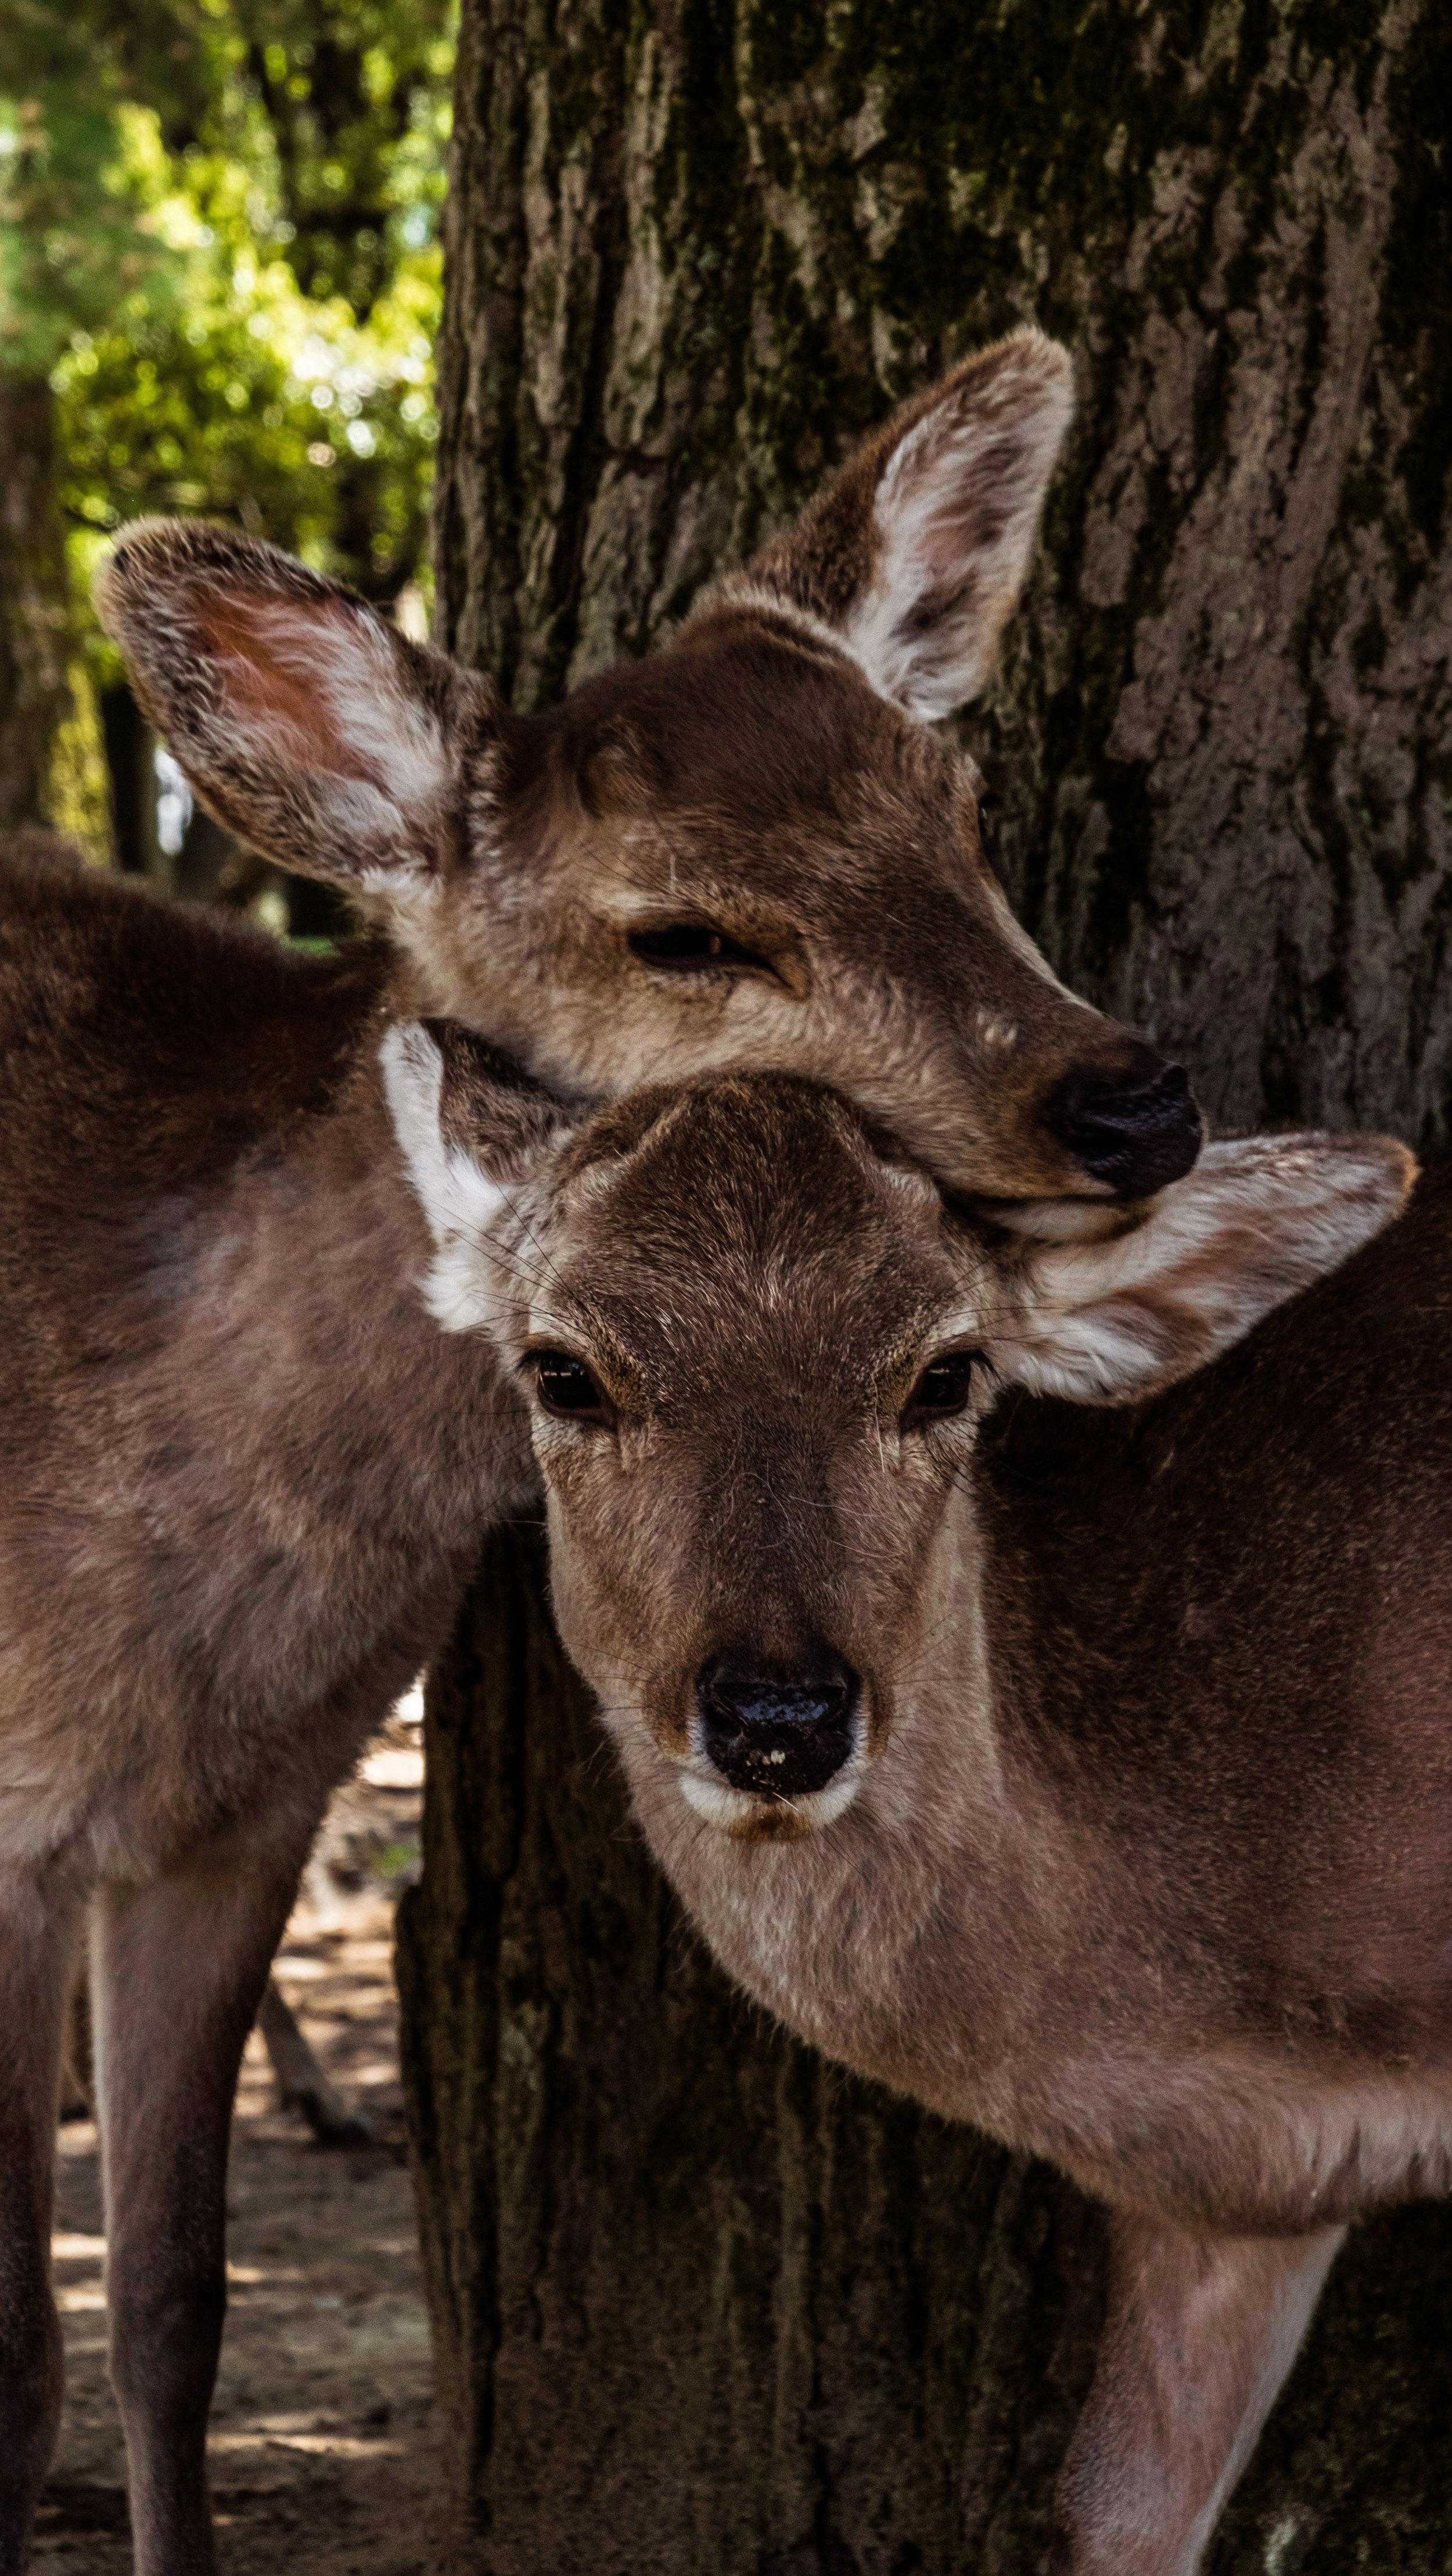 Baby deer in Nara park